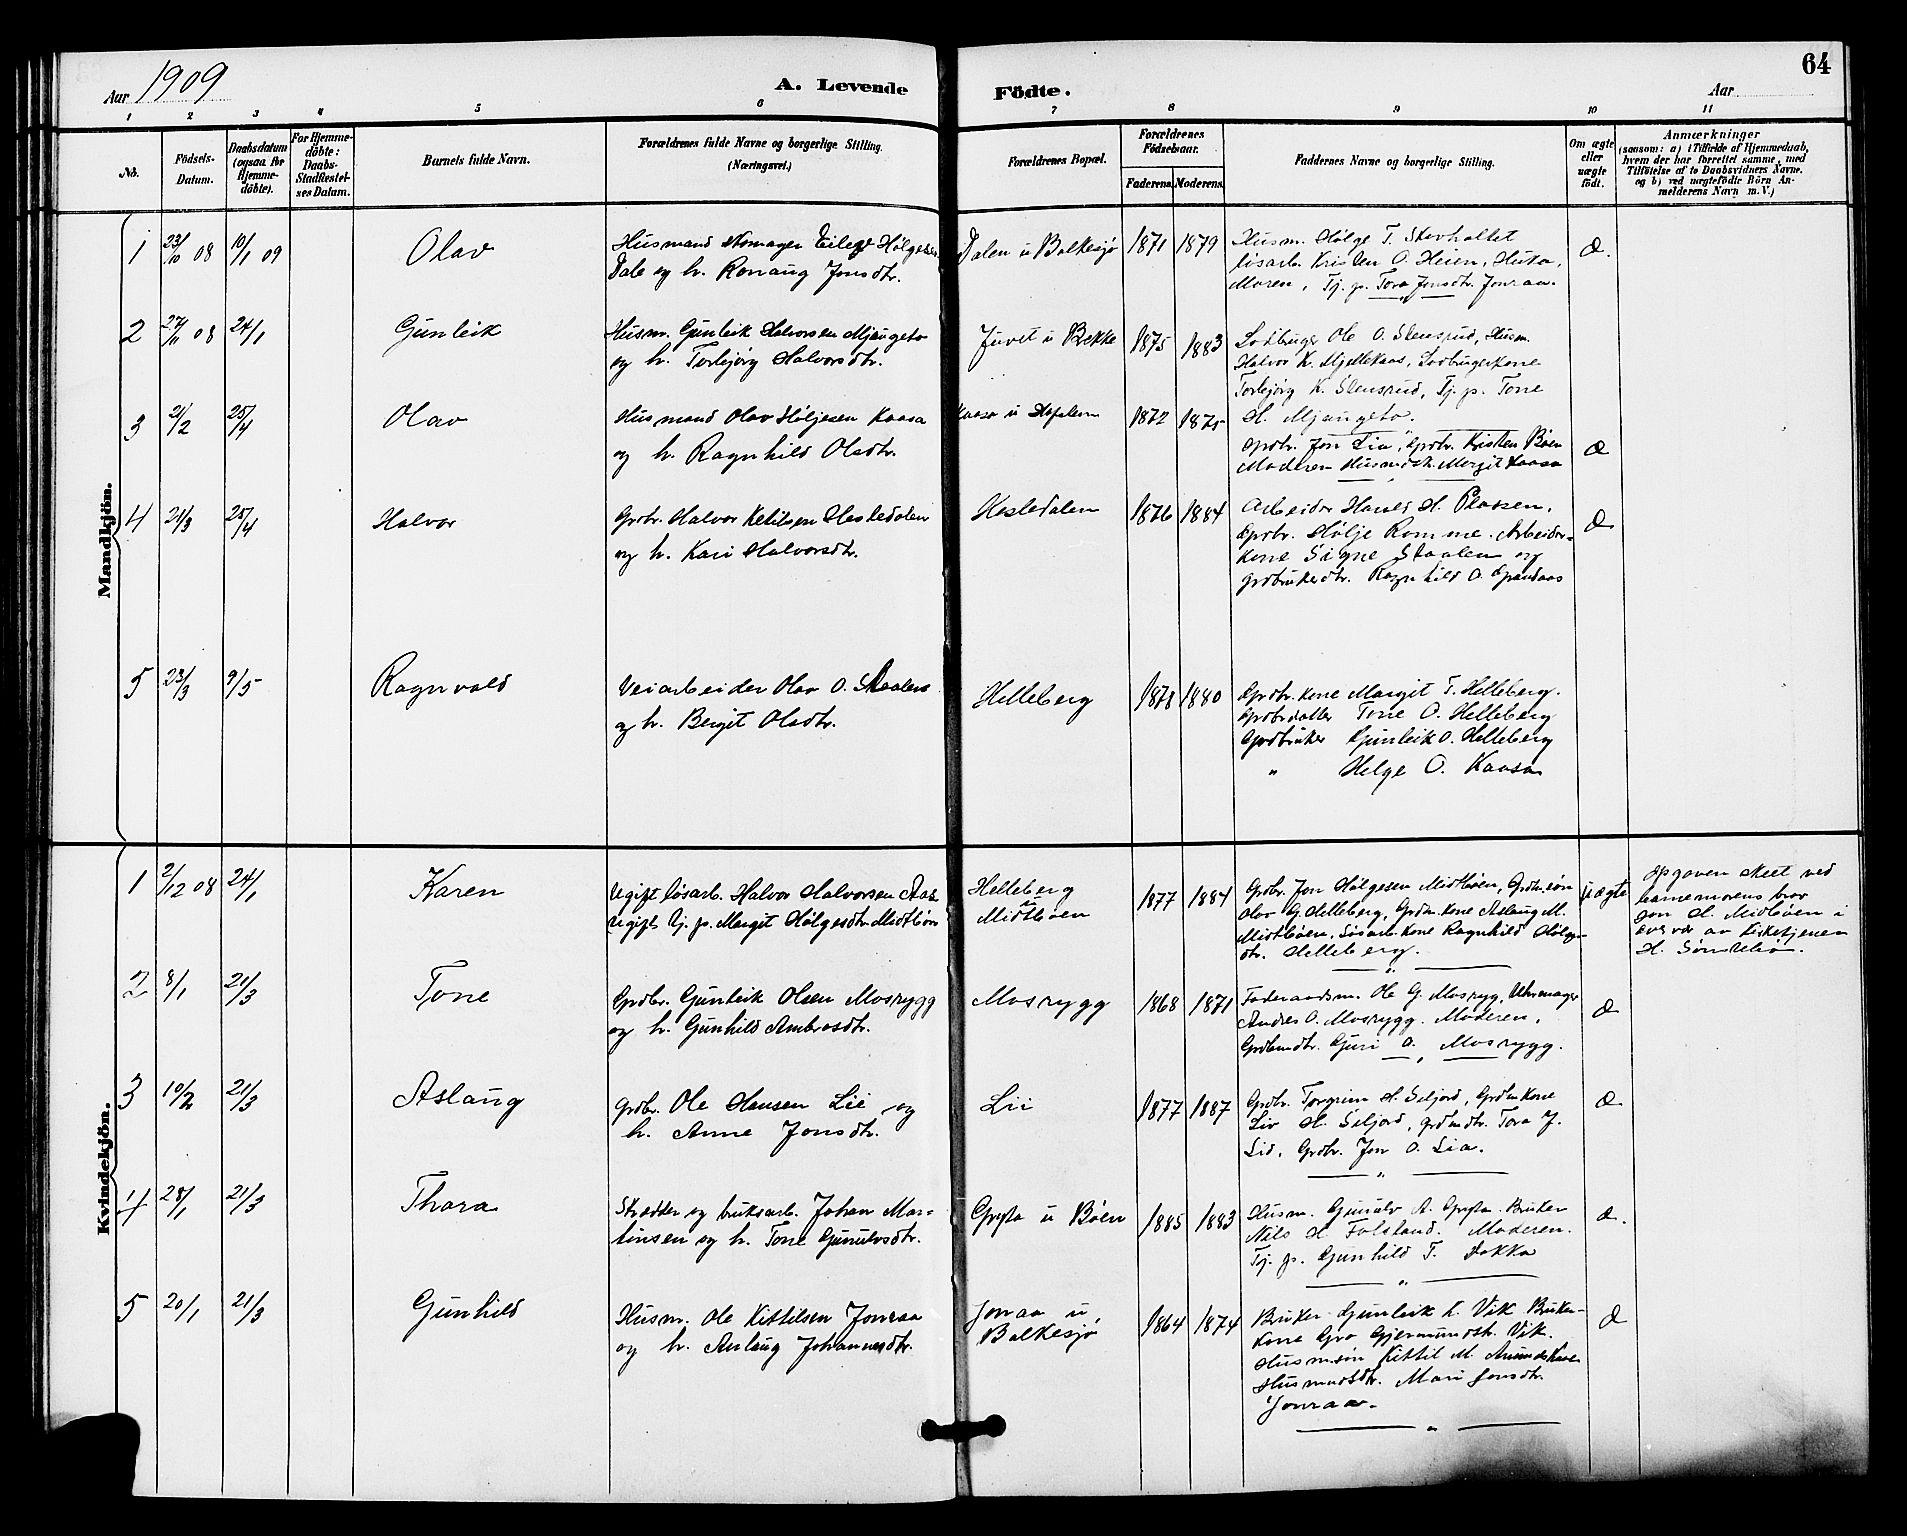 SAKO, Gransherad kirkebøker, G/Ga/L0003: Klokkerbok nr. I 3, 1887-1915, s. 64